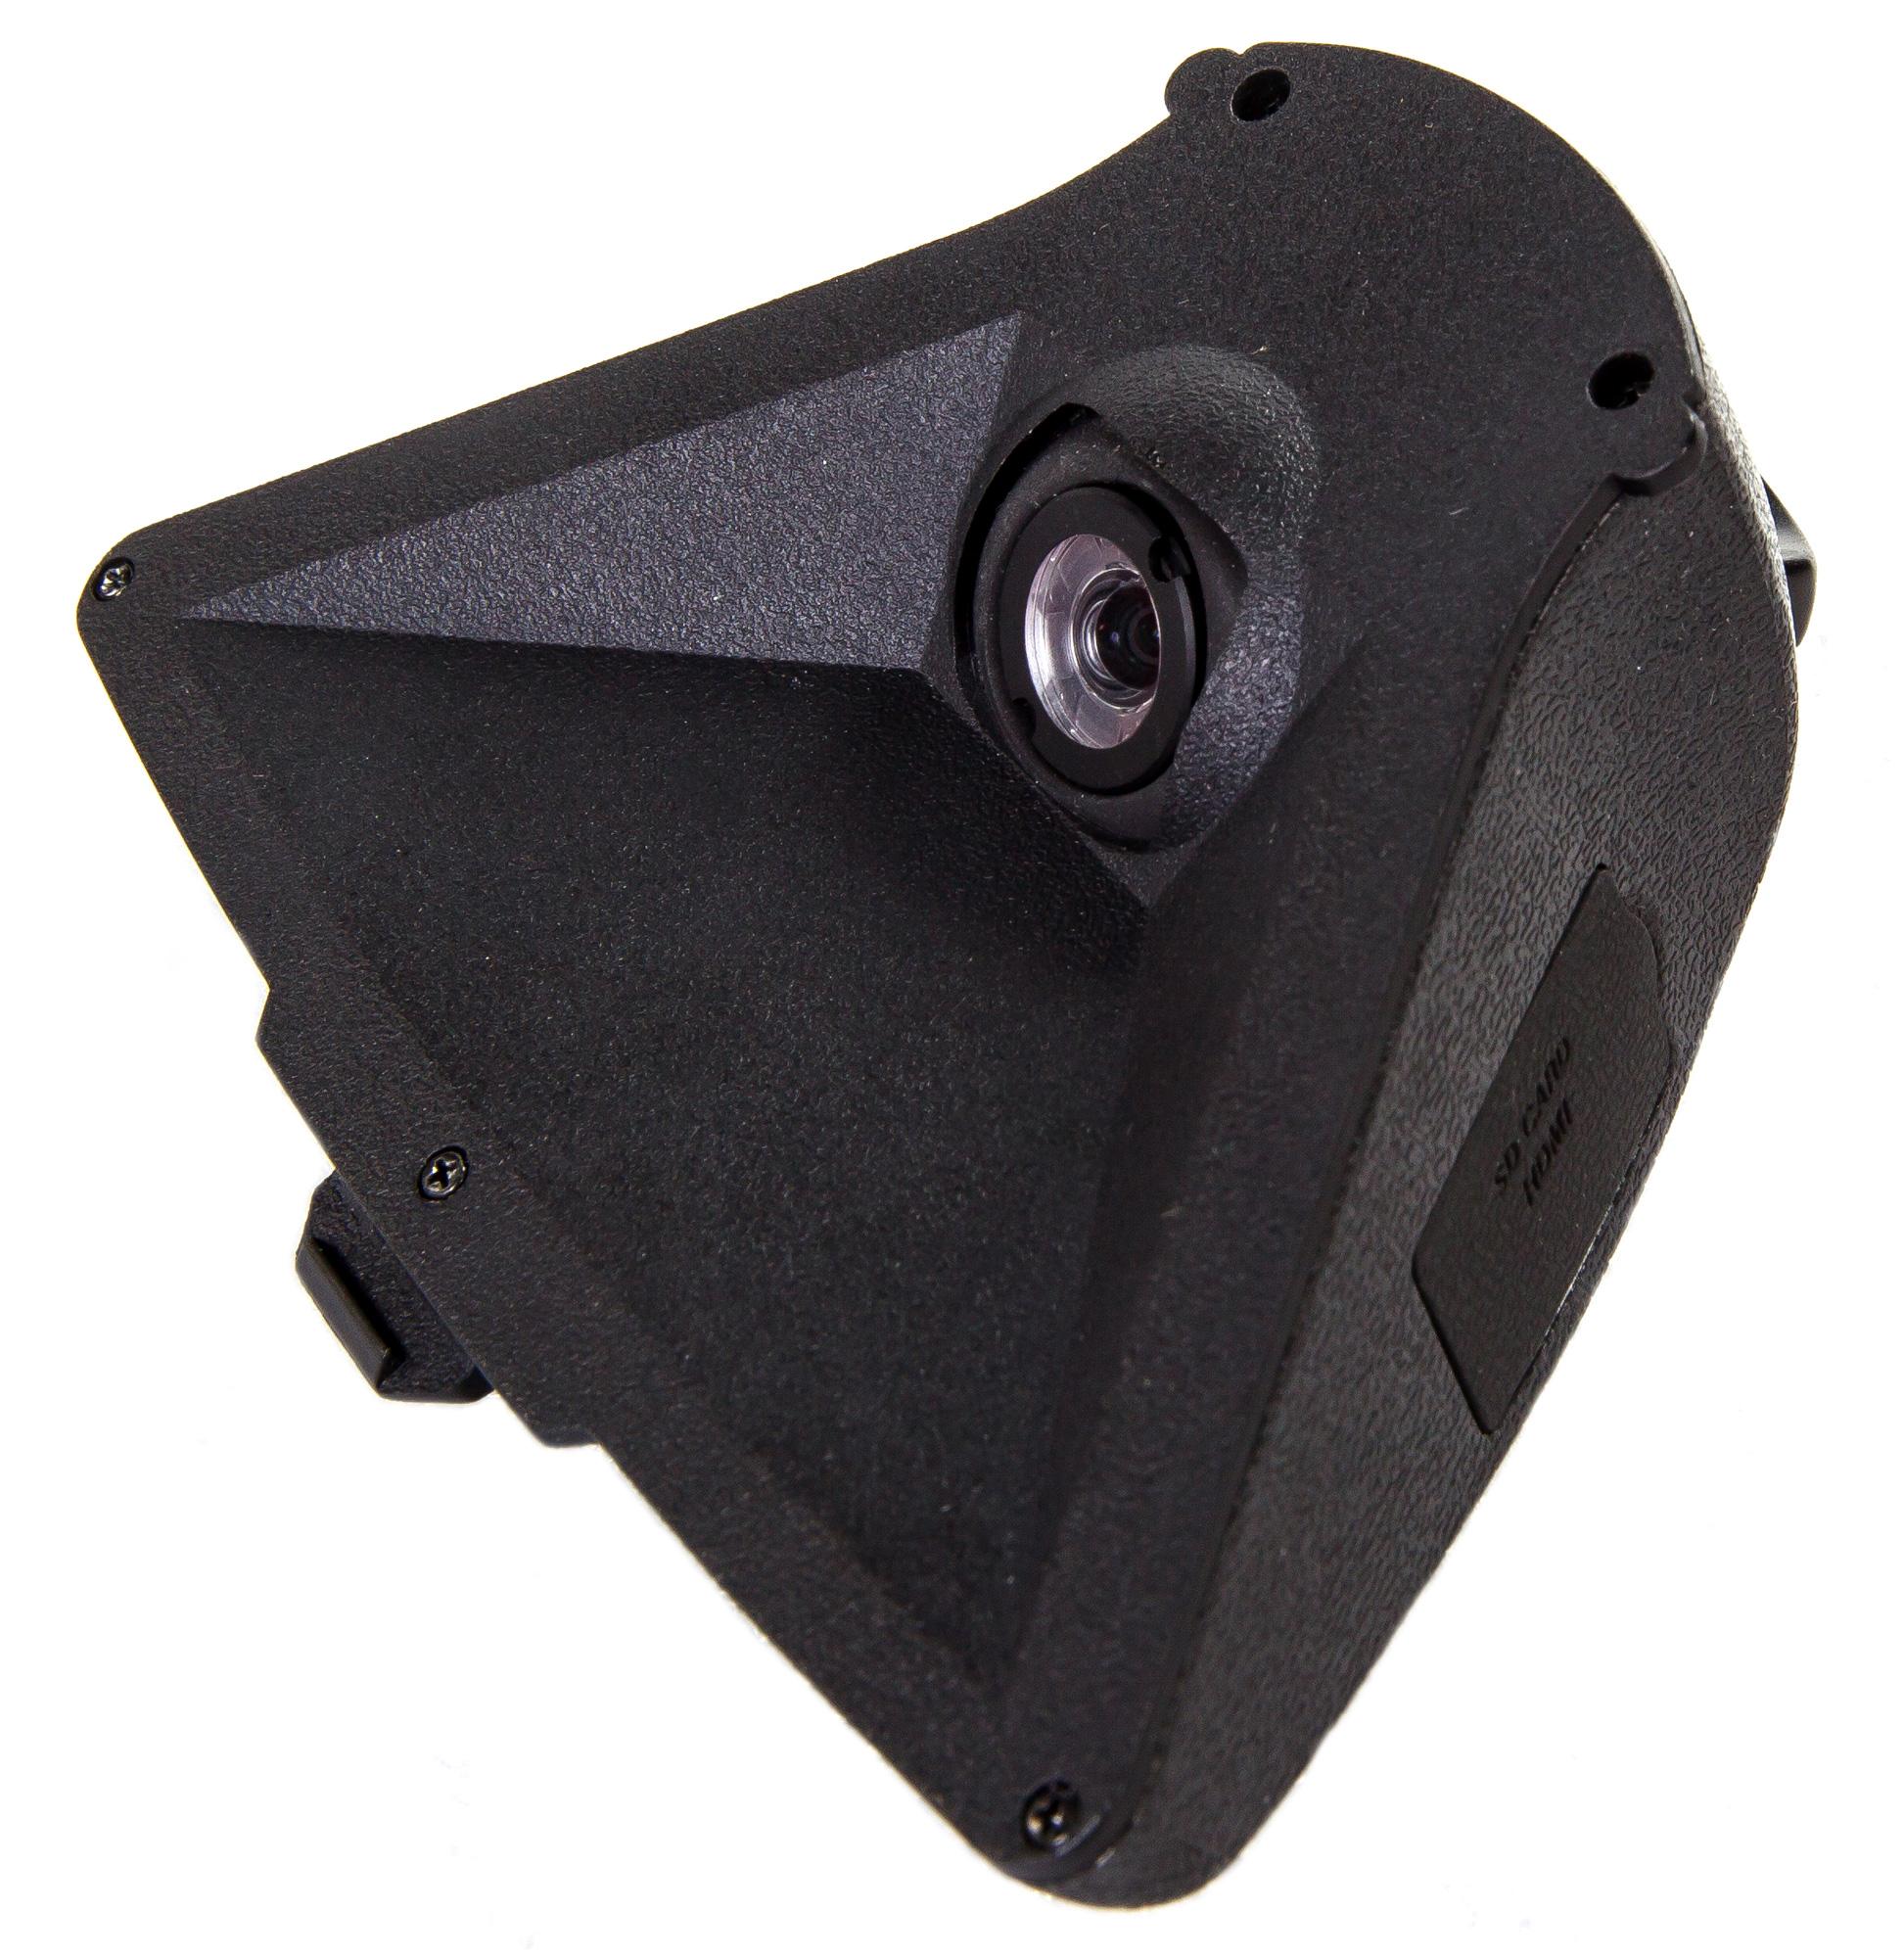 Сделать видеорегистратор самому инструкция к видеорегистратору carcam 200